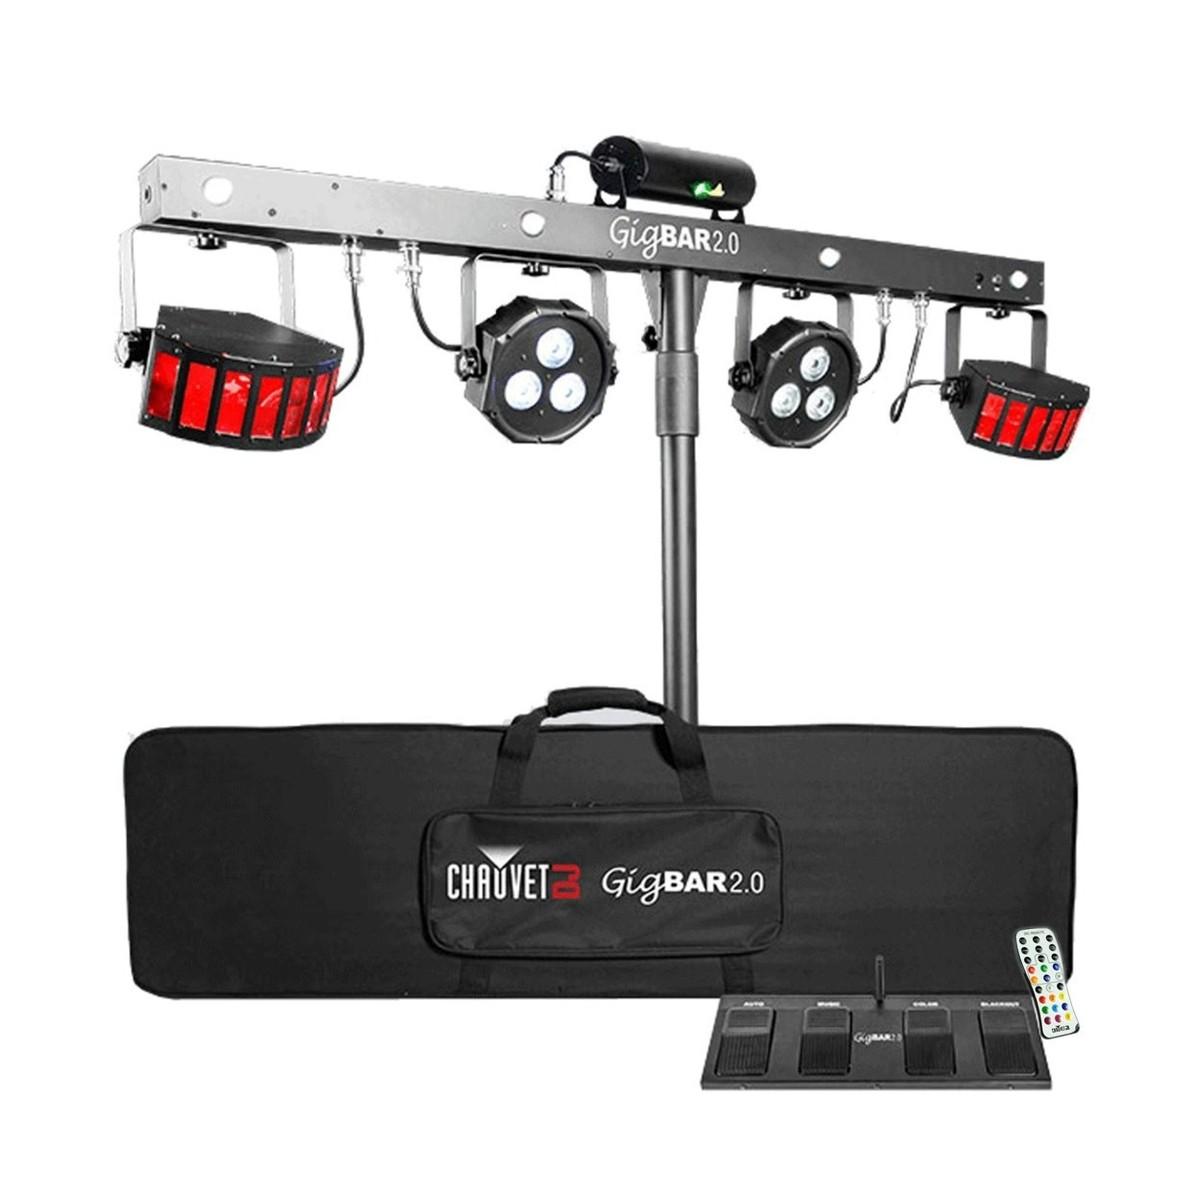 Chauvet Gig Bar 2 LED Lighting System